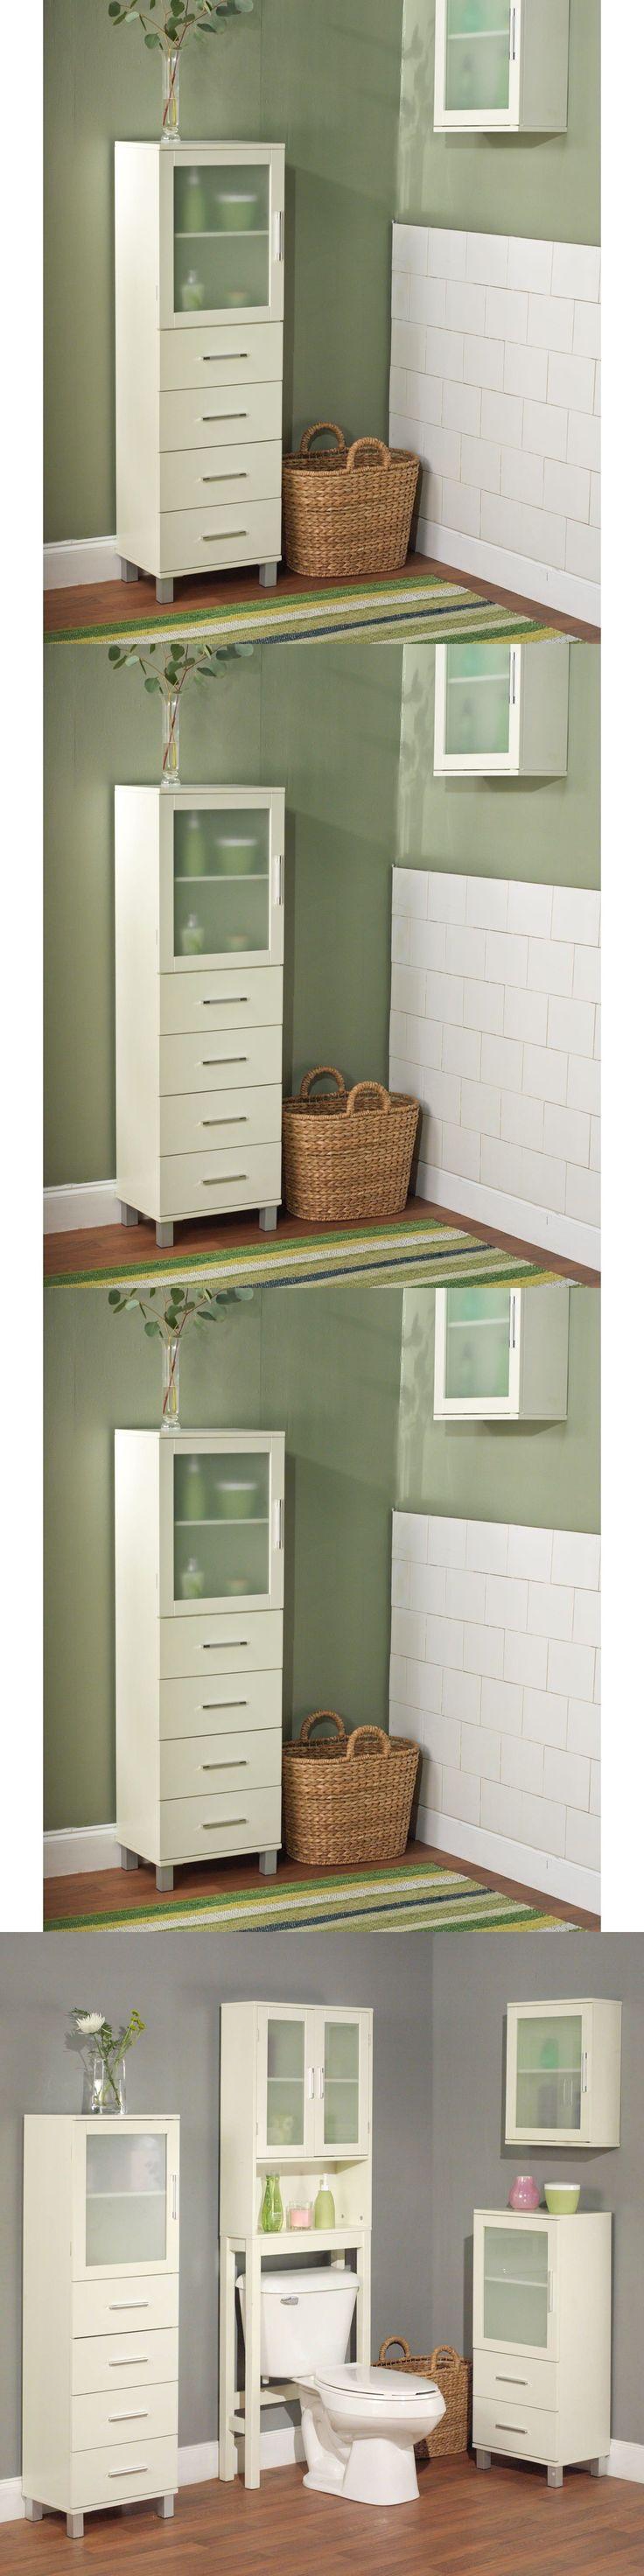 best 20 linen storage cabinet ideas on pinterest bathroom bath caddies and storage 54075 linen storage cabinet bathroom wood organizer white towel tower floor